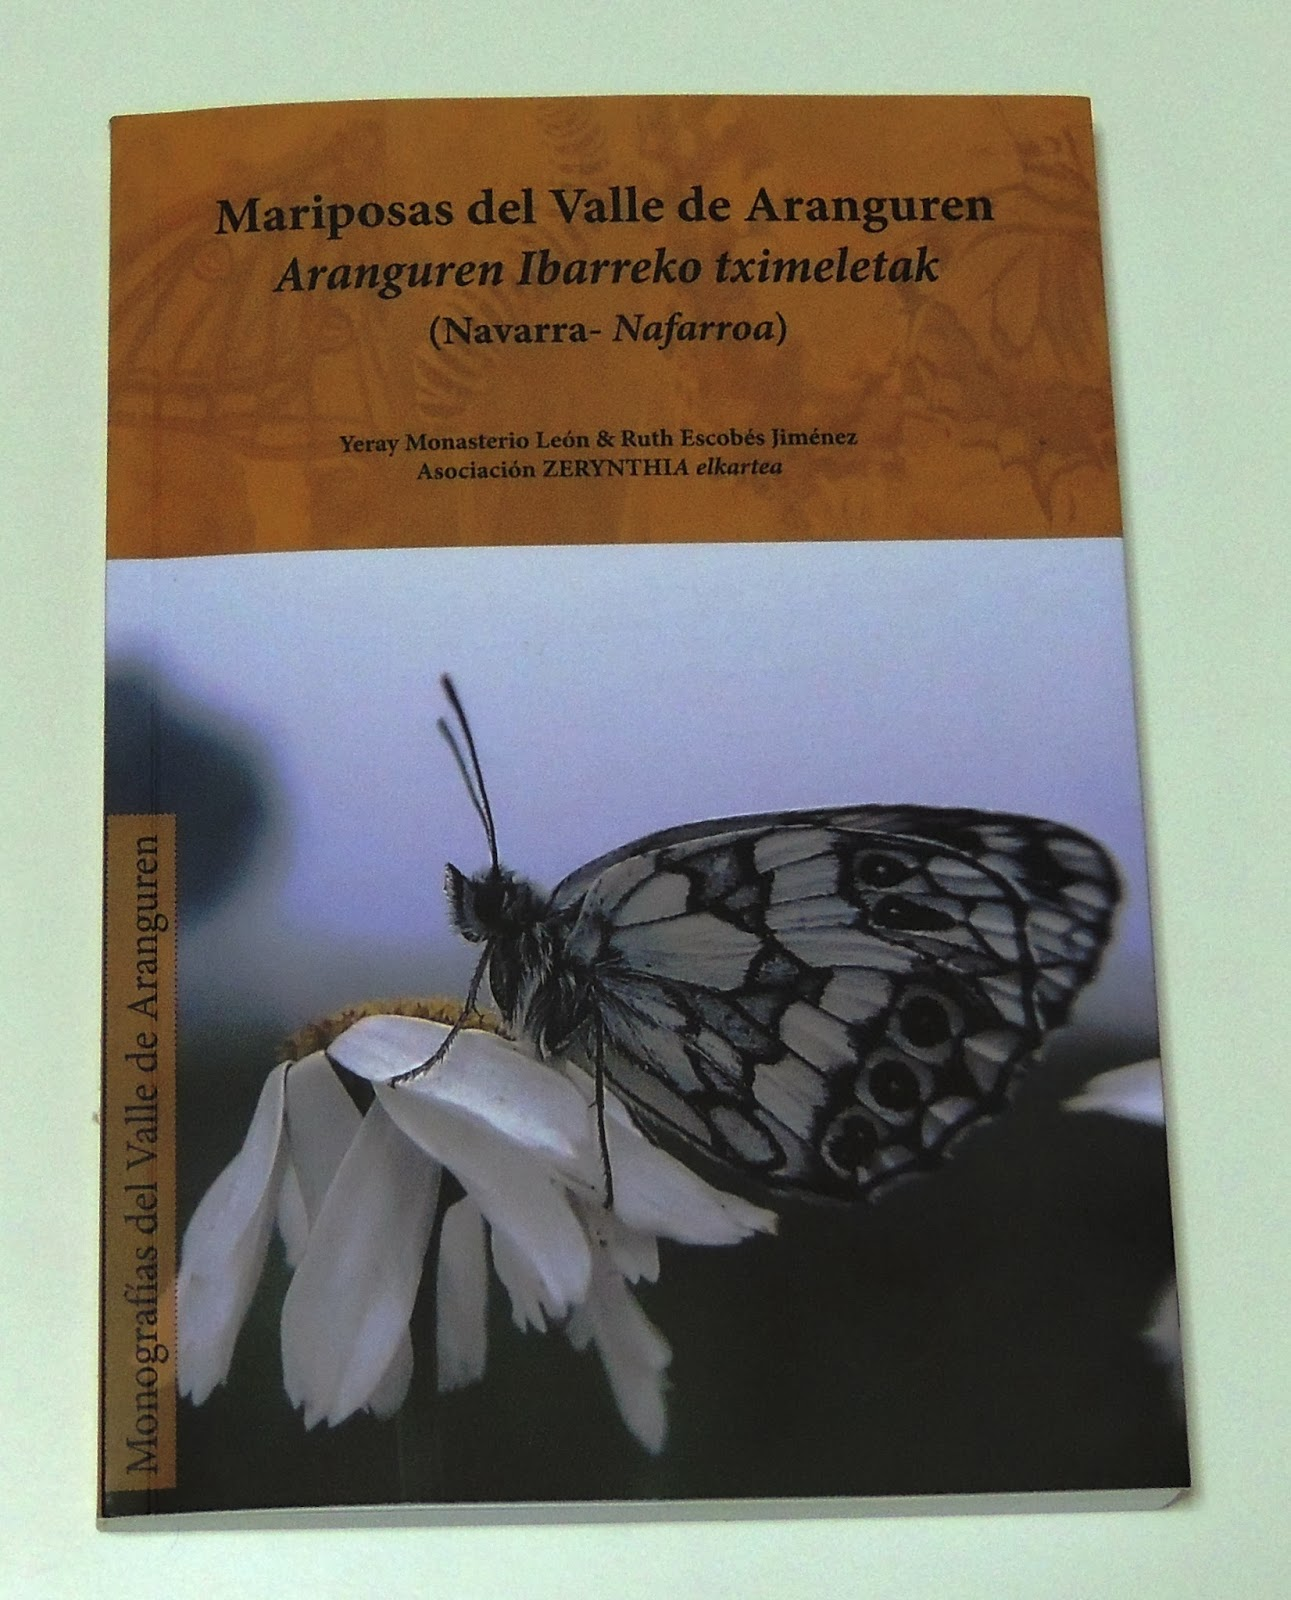 Mariposas del Valle de Aranguren